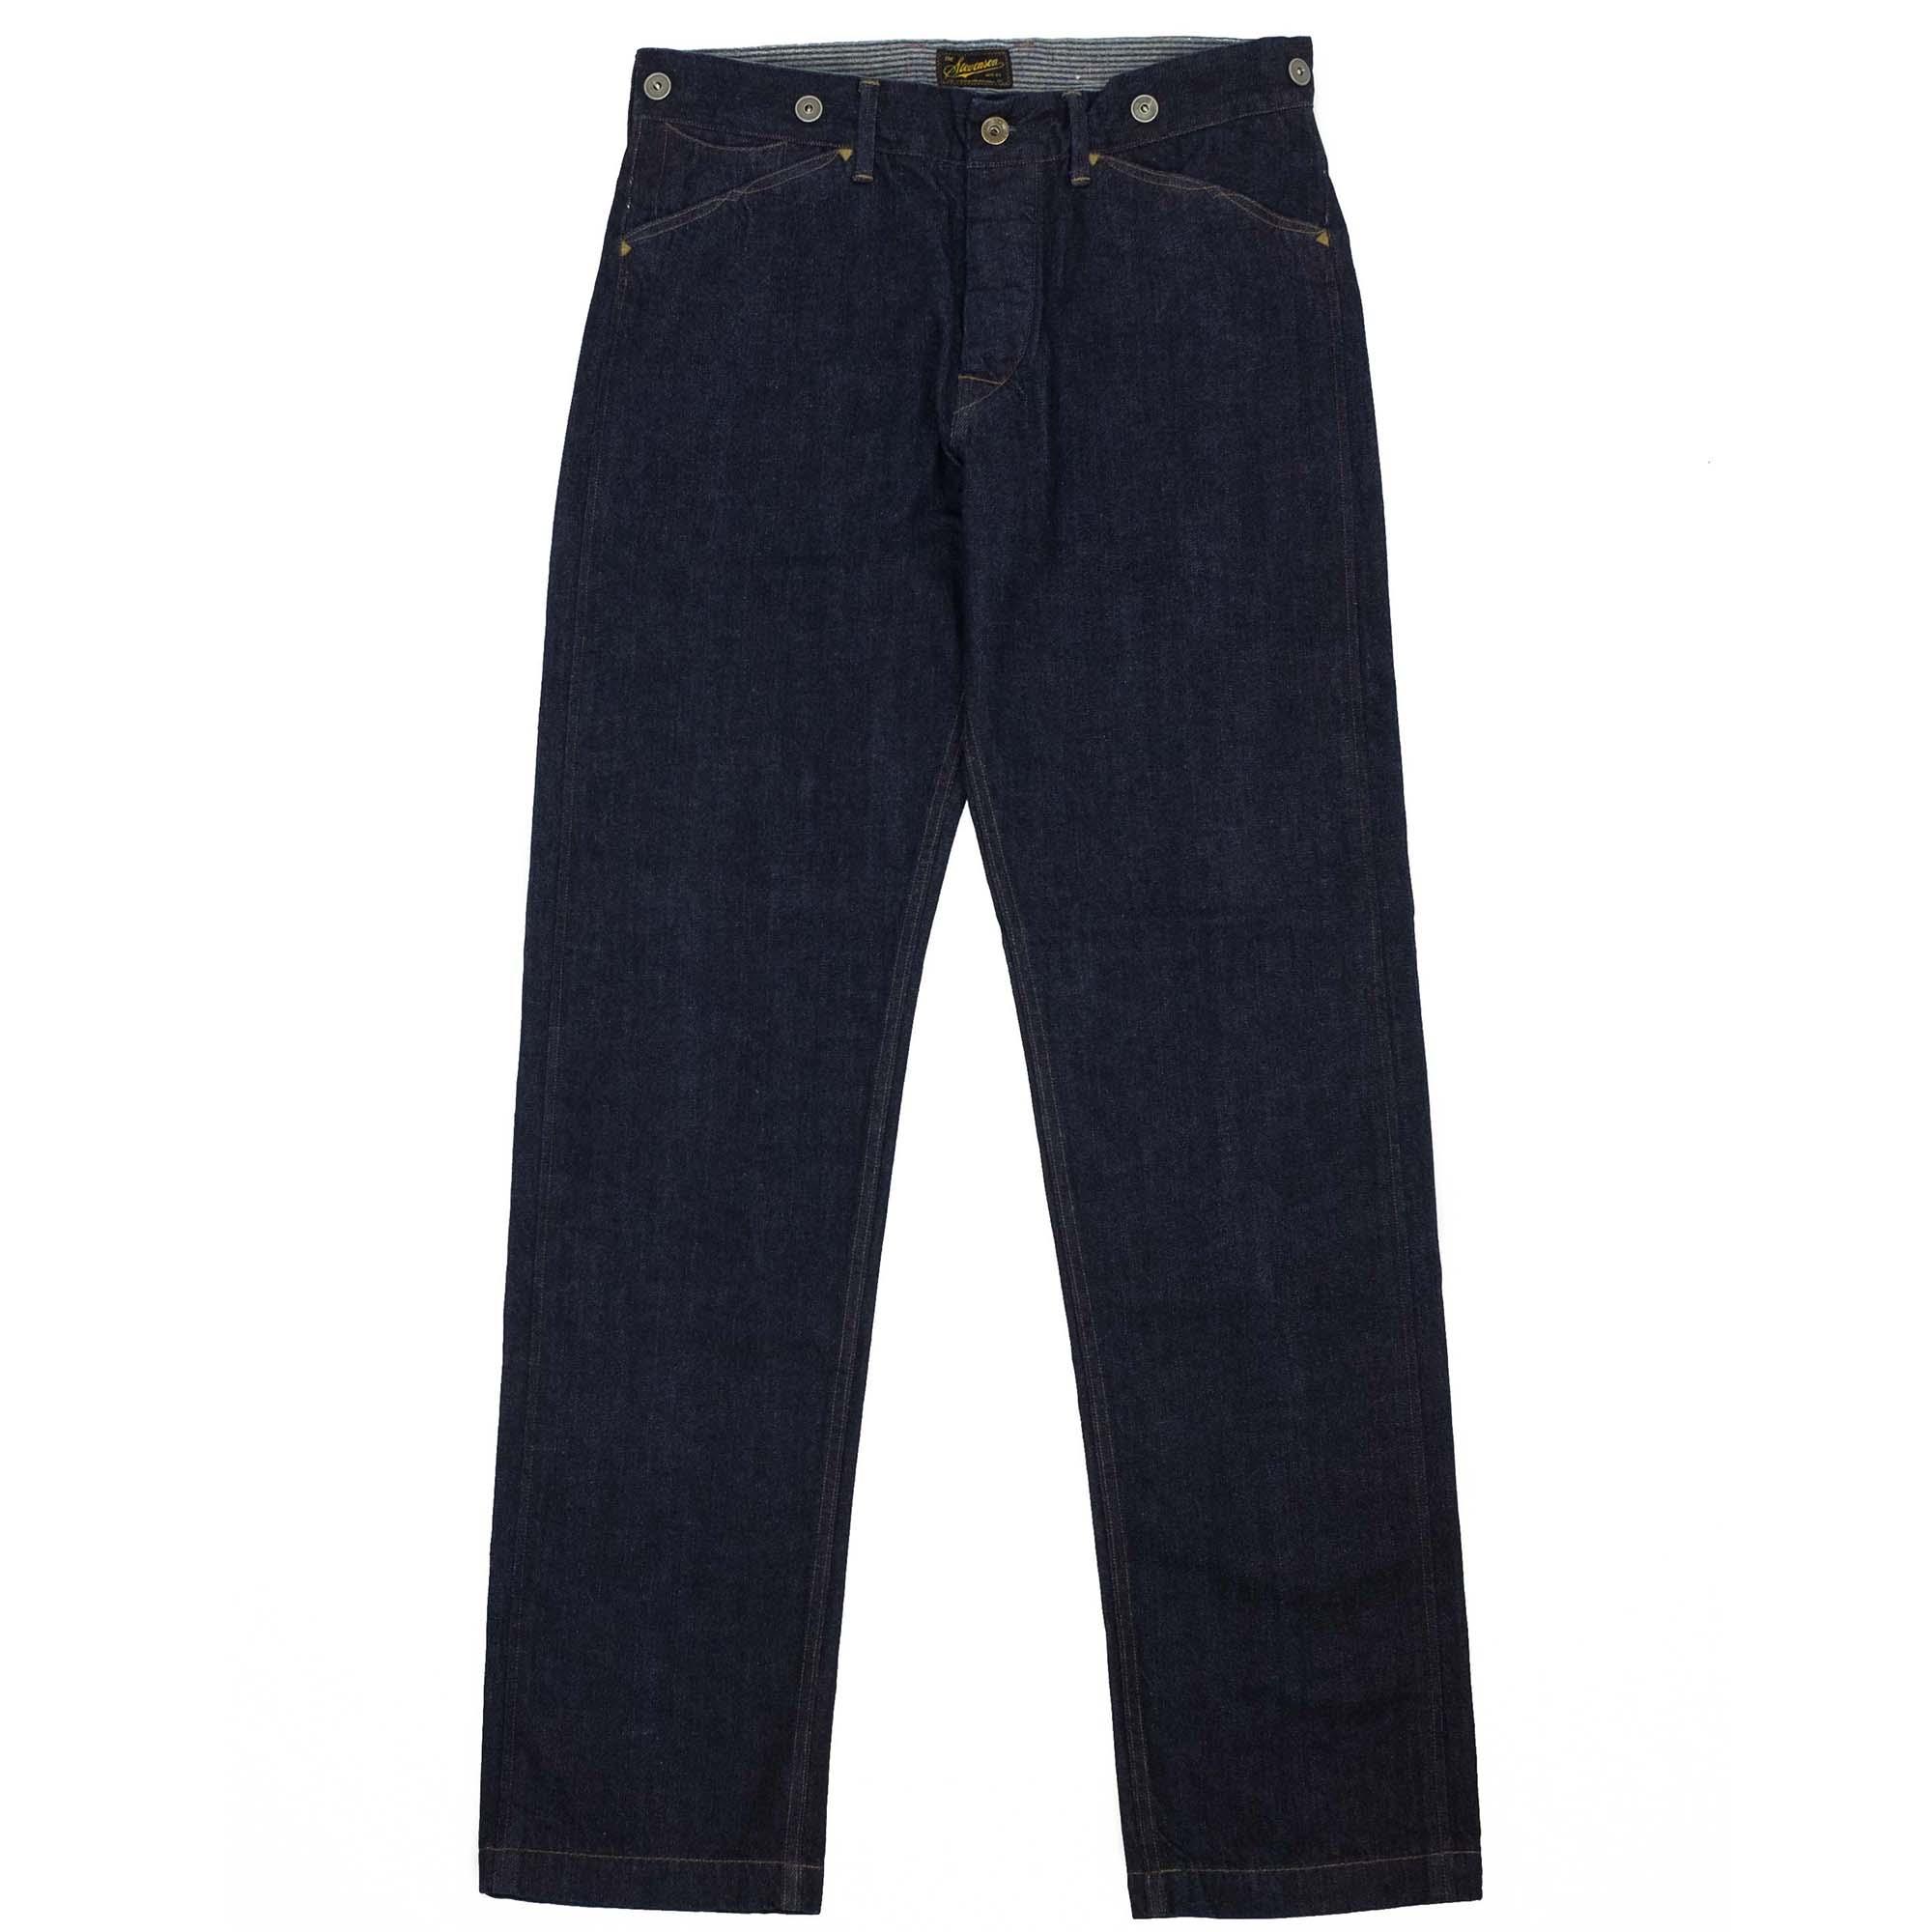 Stevenson Overall Co. Gambler Jeans - Indigo